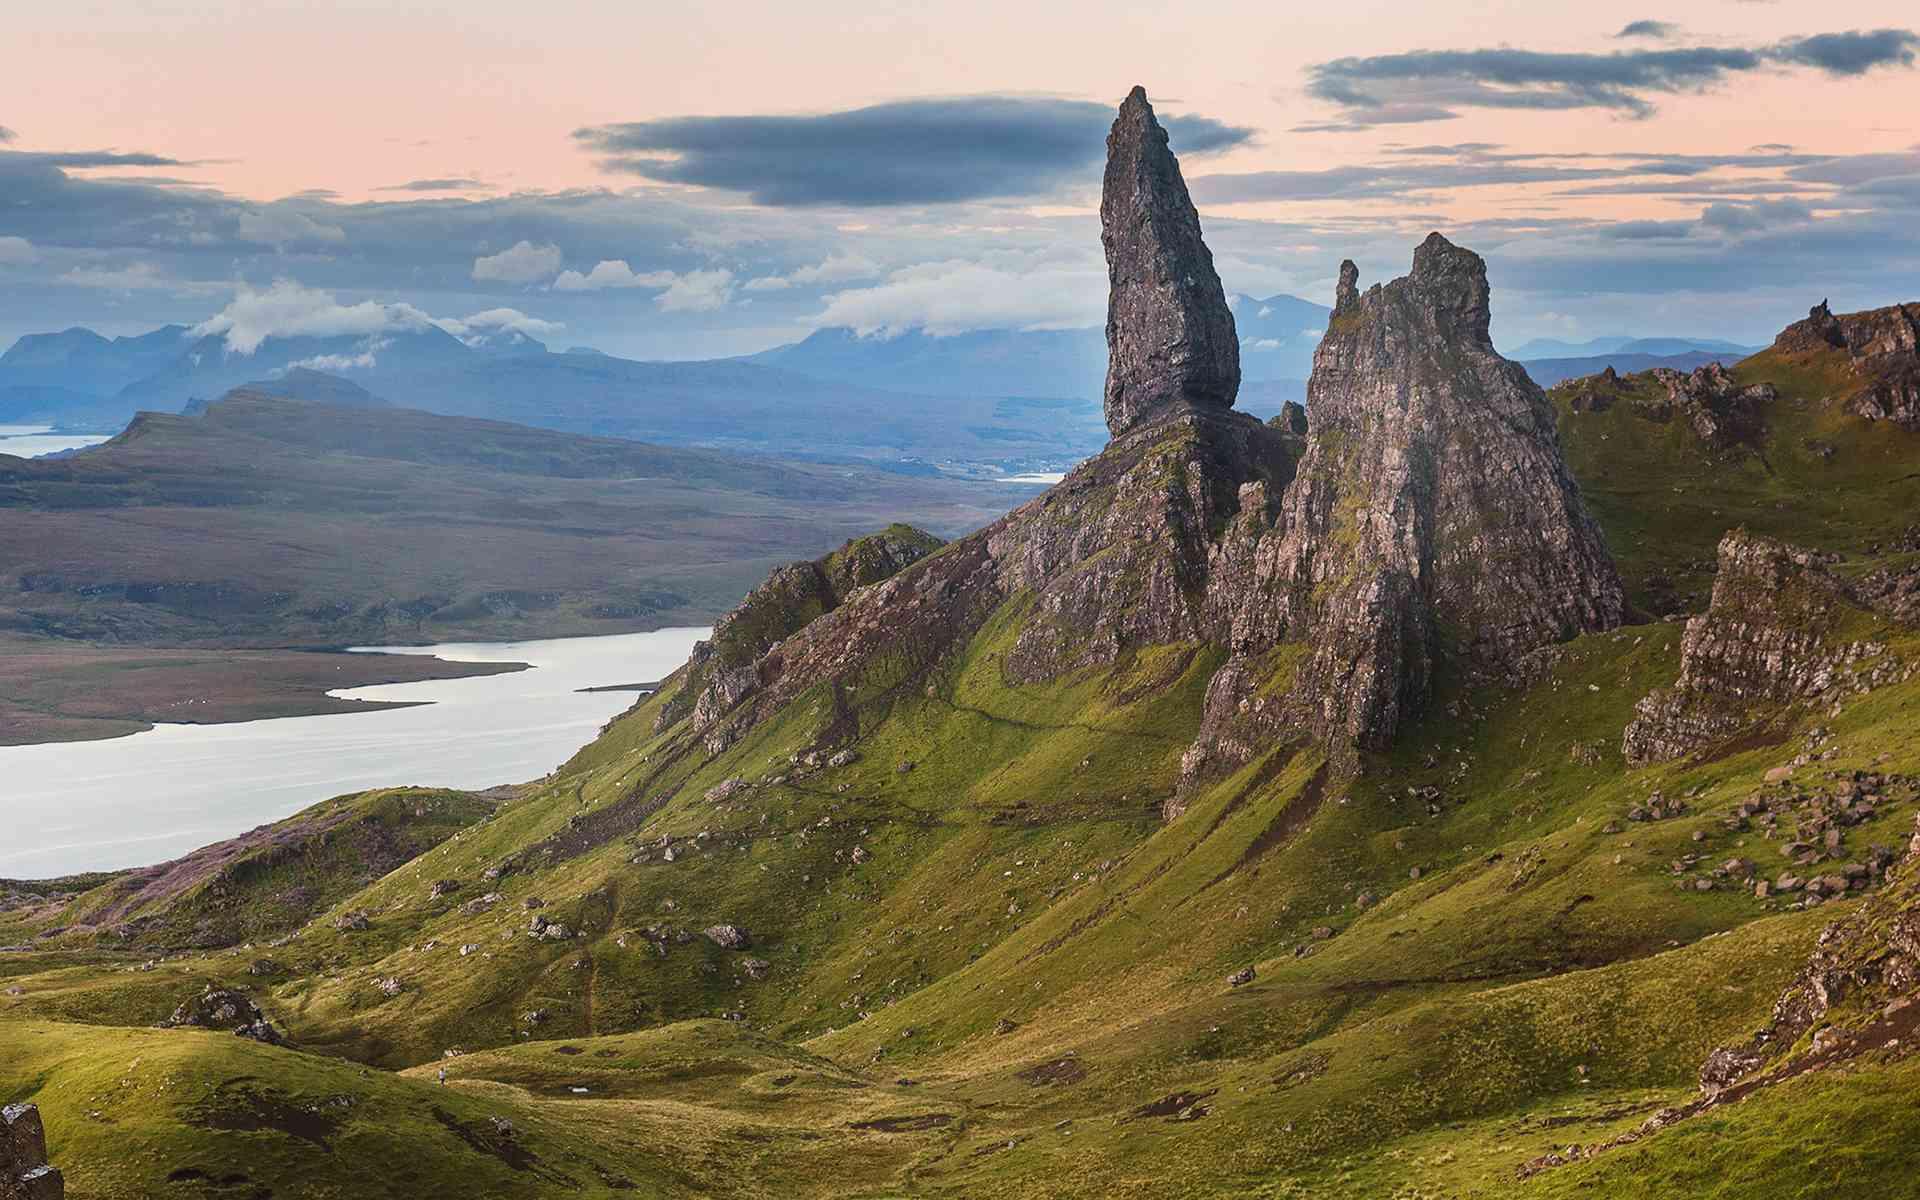 Scottish highlands, an incredible landscape